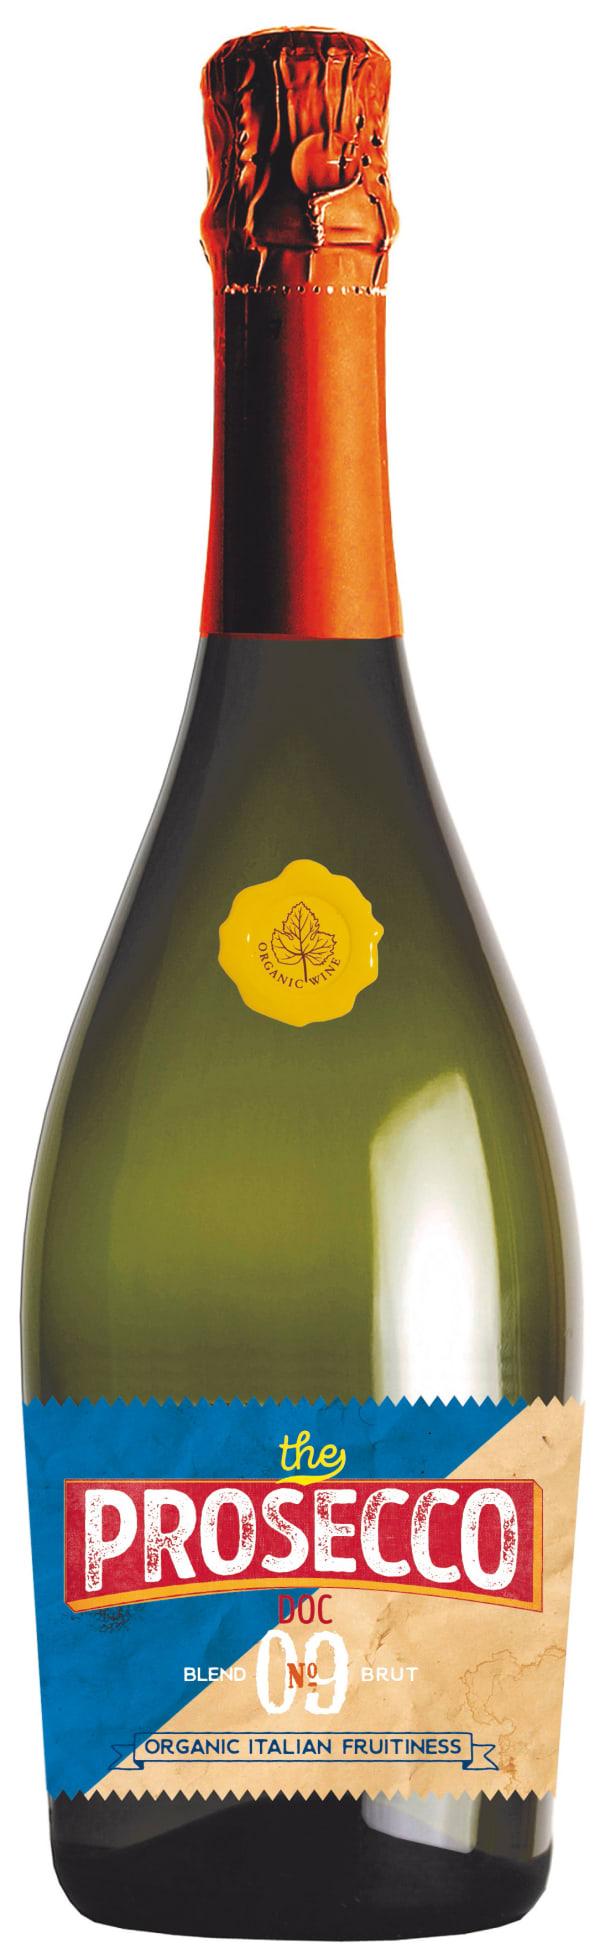 Blend No 09 Prosecco Brut Luomu Italia  Erittäin kuiva, keskihapokas, sitruksinen, kevyen päärynäinen, hennon viheromenainen